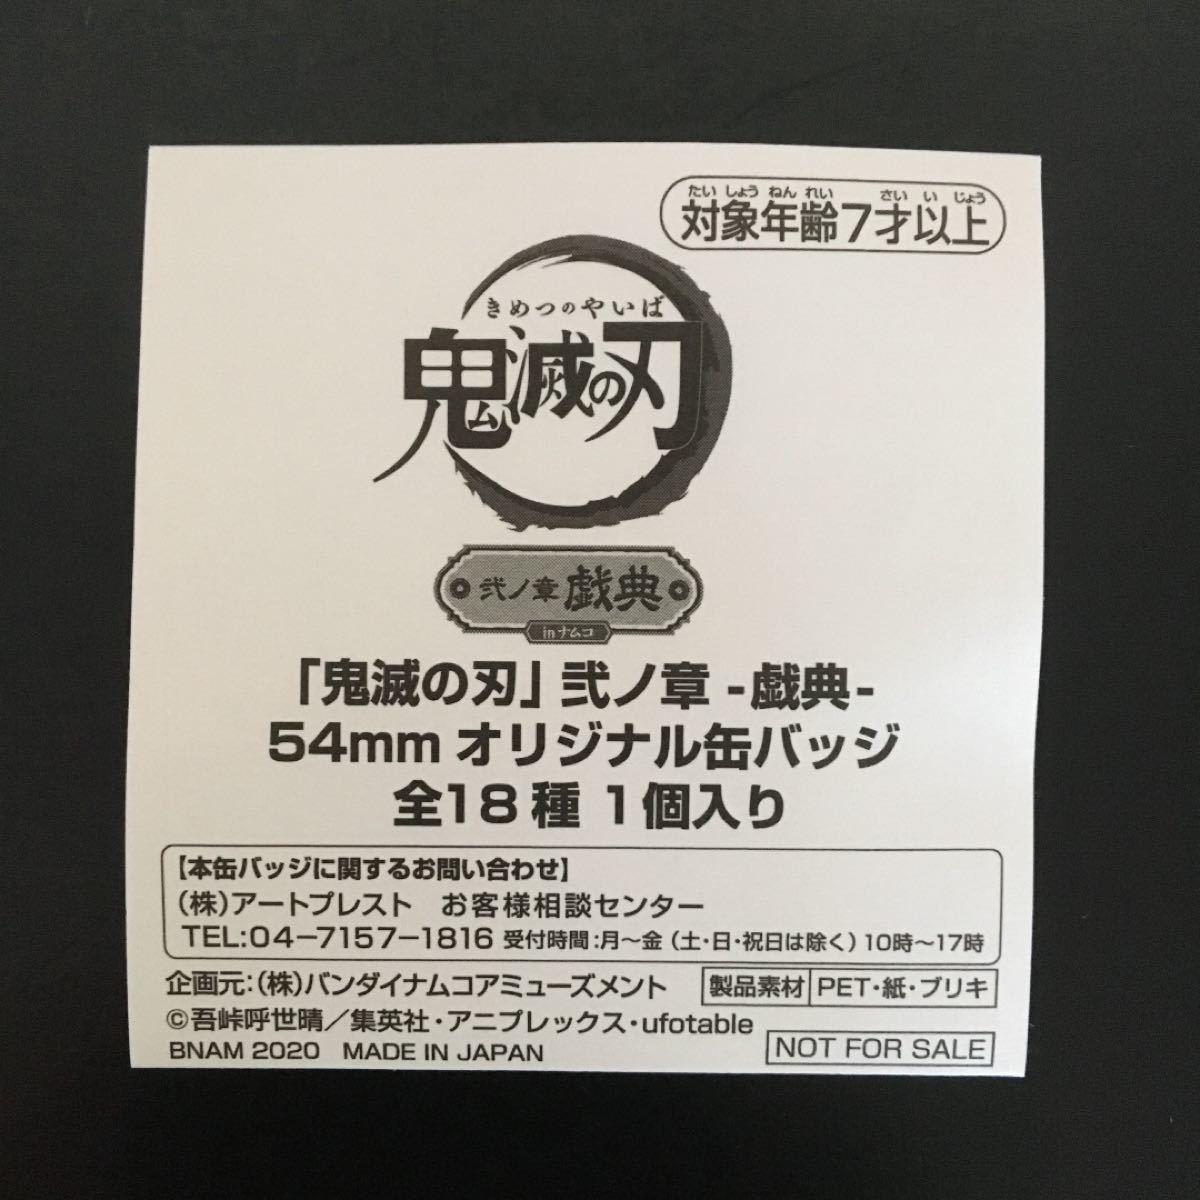 炭治郎 缶バッジ 2個セット 鬼滅の刃 たんじろう ナムコ限定 きめつのやいば